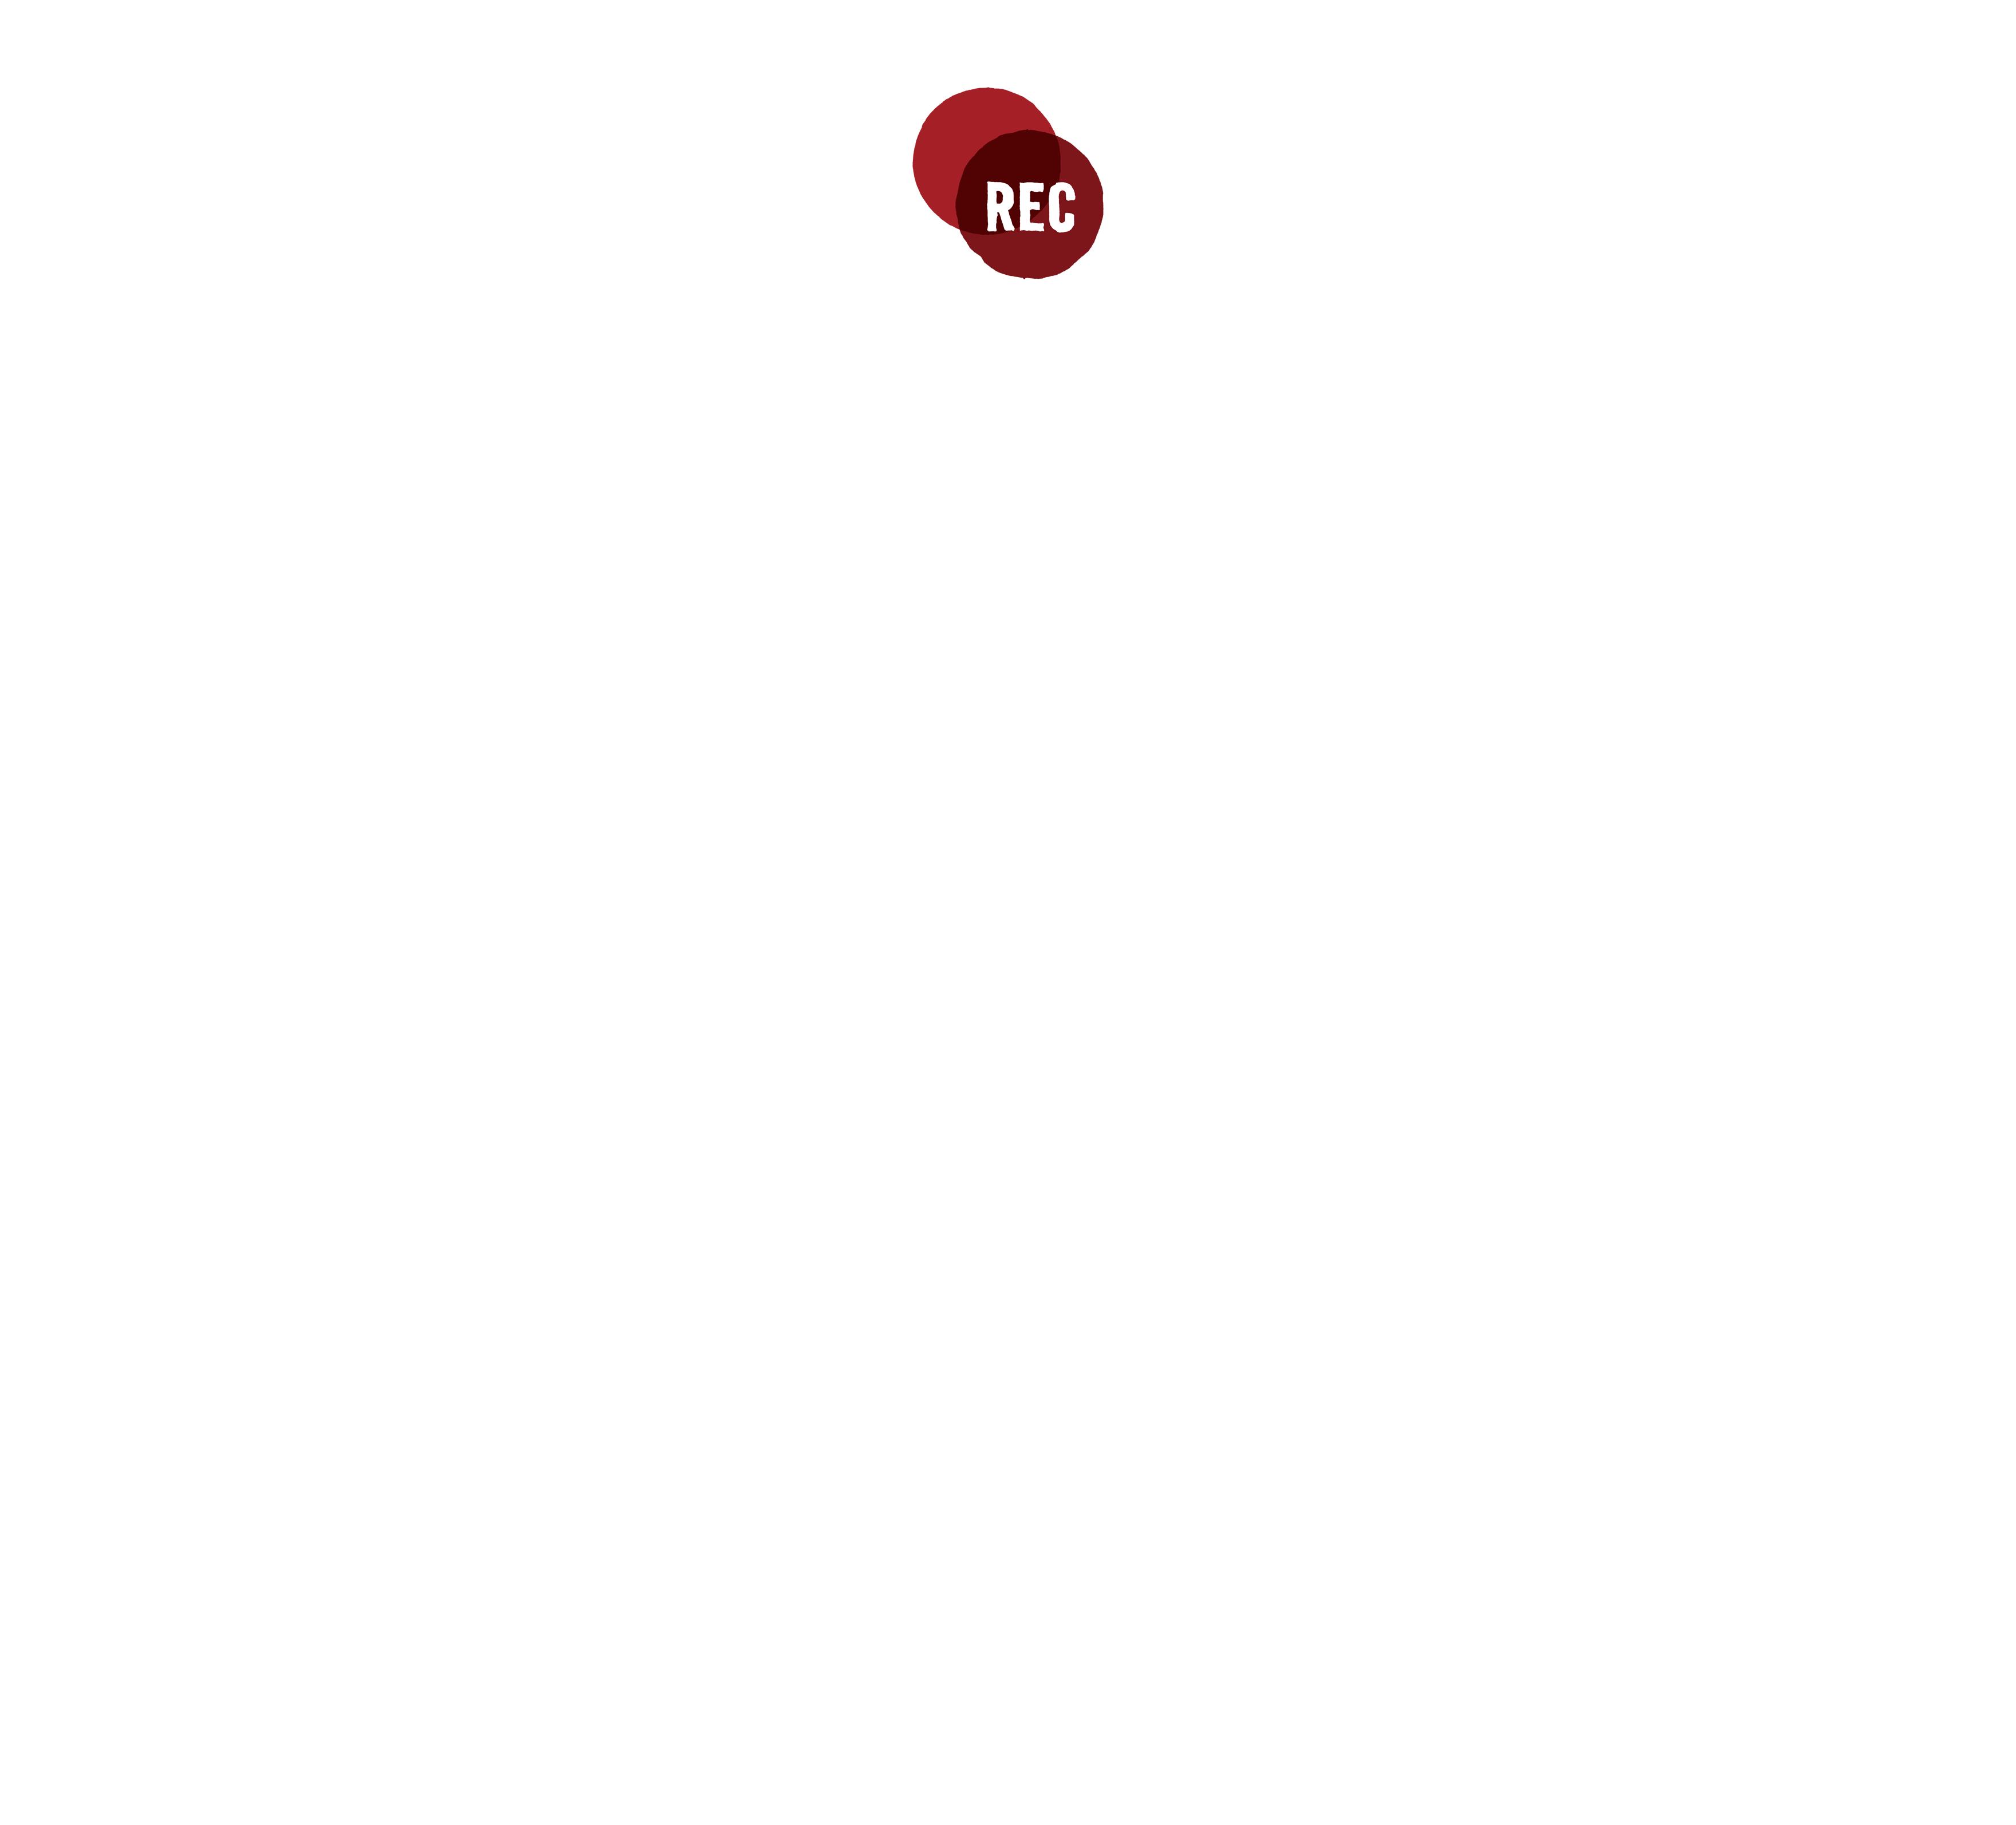 rec + temple copy